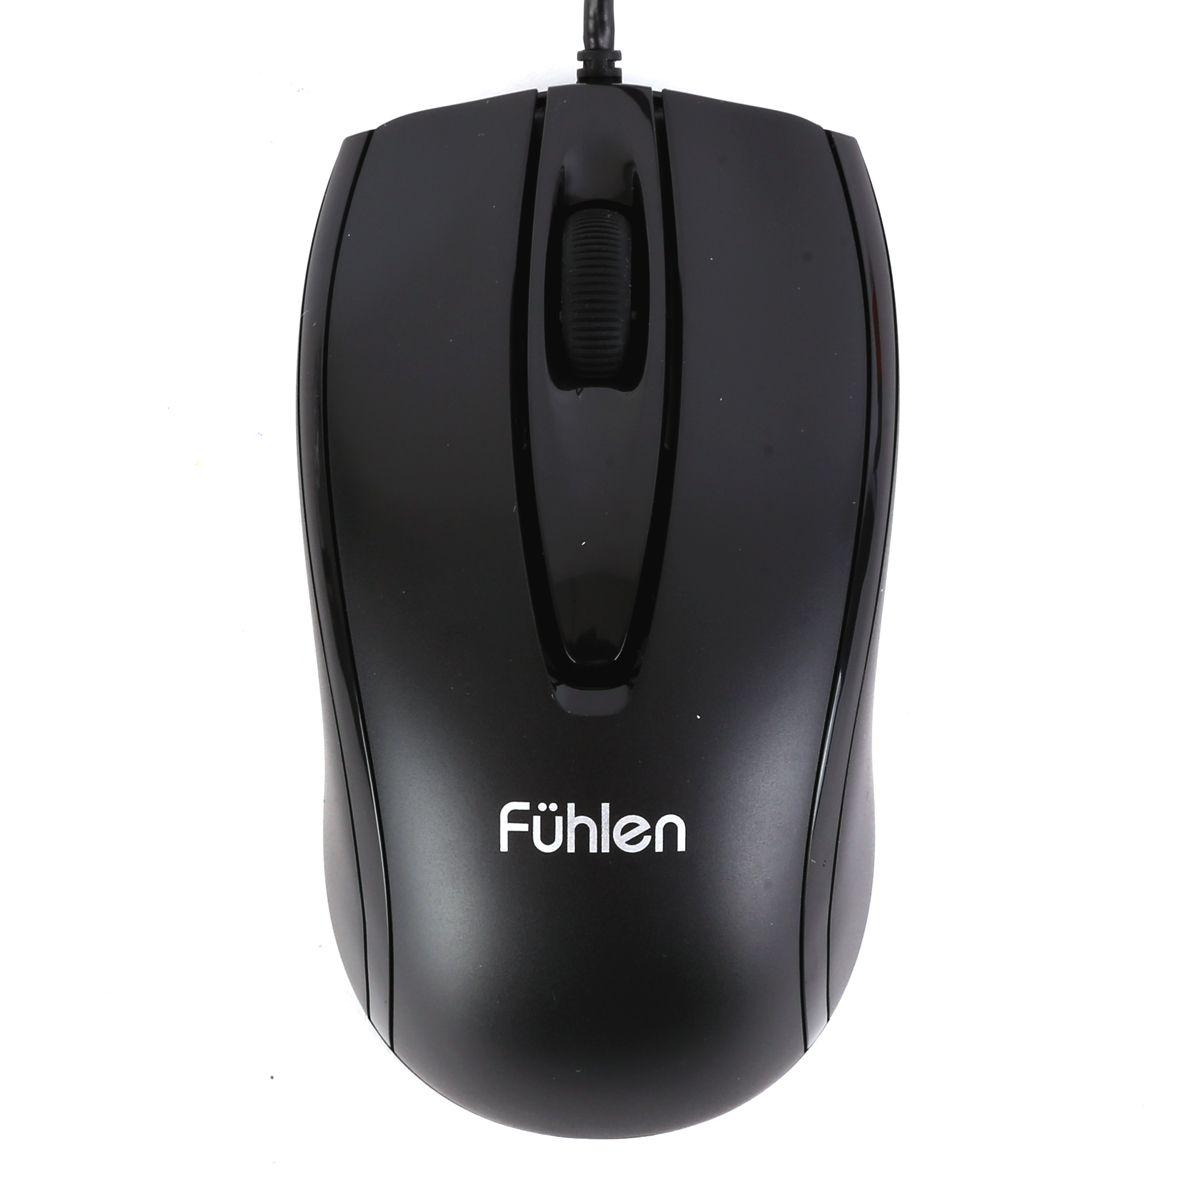 Chuột fuhlen L102